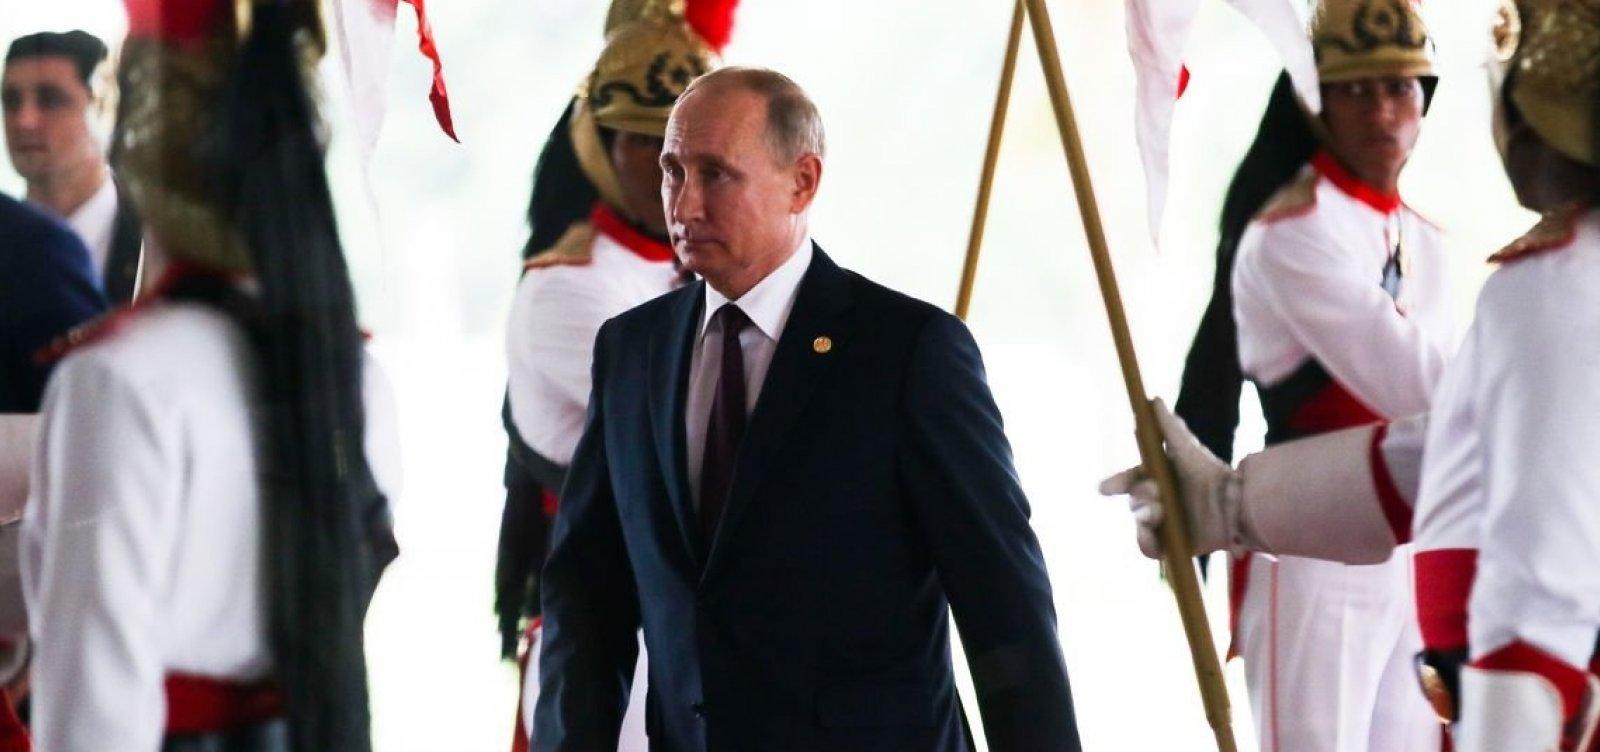 [Putin diz que punições por doping devem ser individuais]